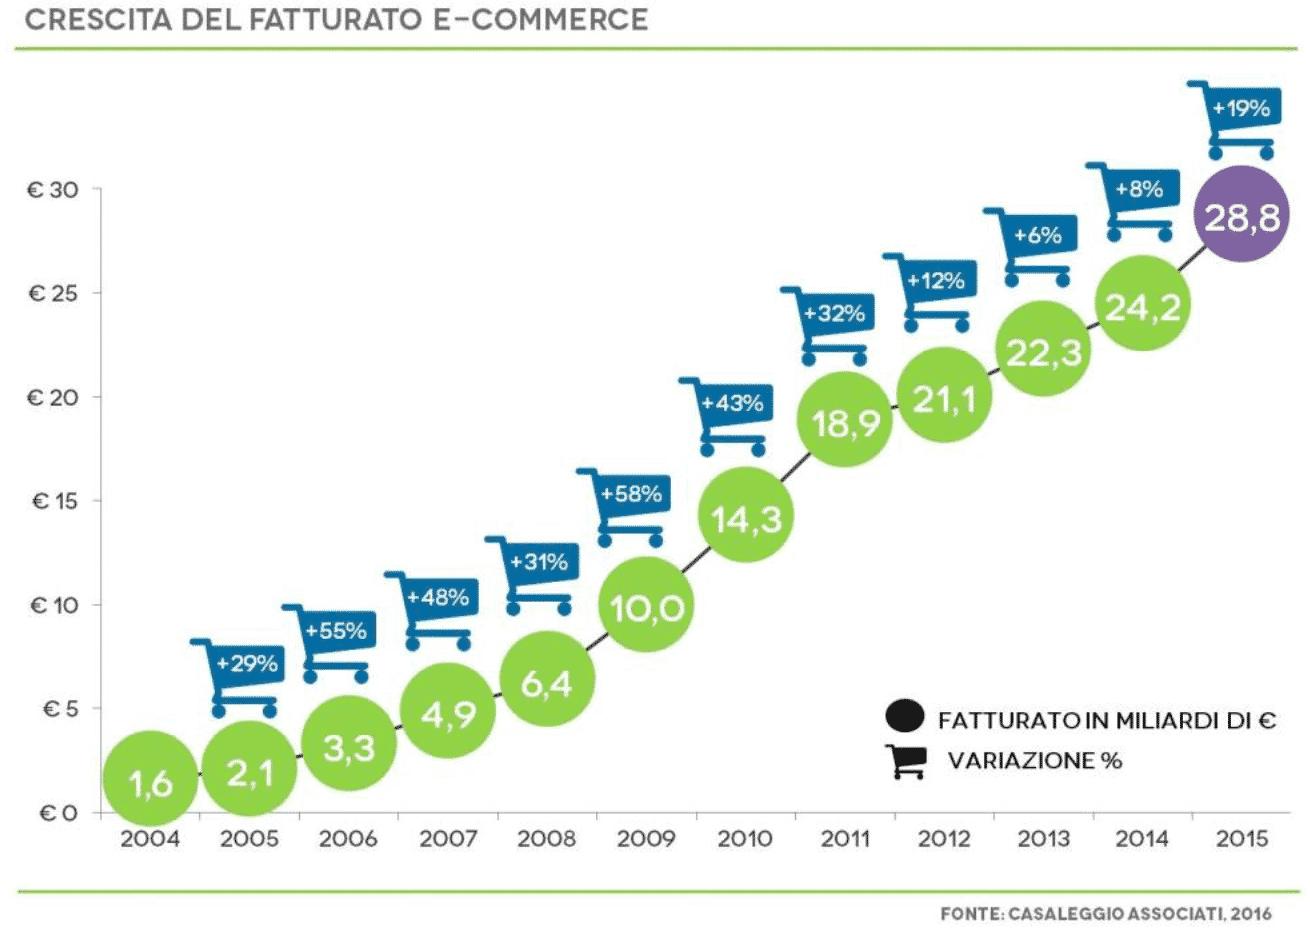 Incremento dei fatturati dell'e-commerce dal 2004 al 2015.